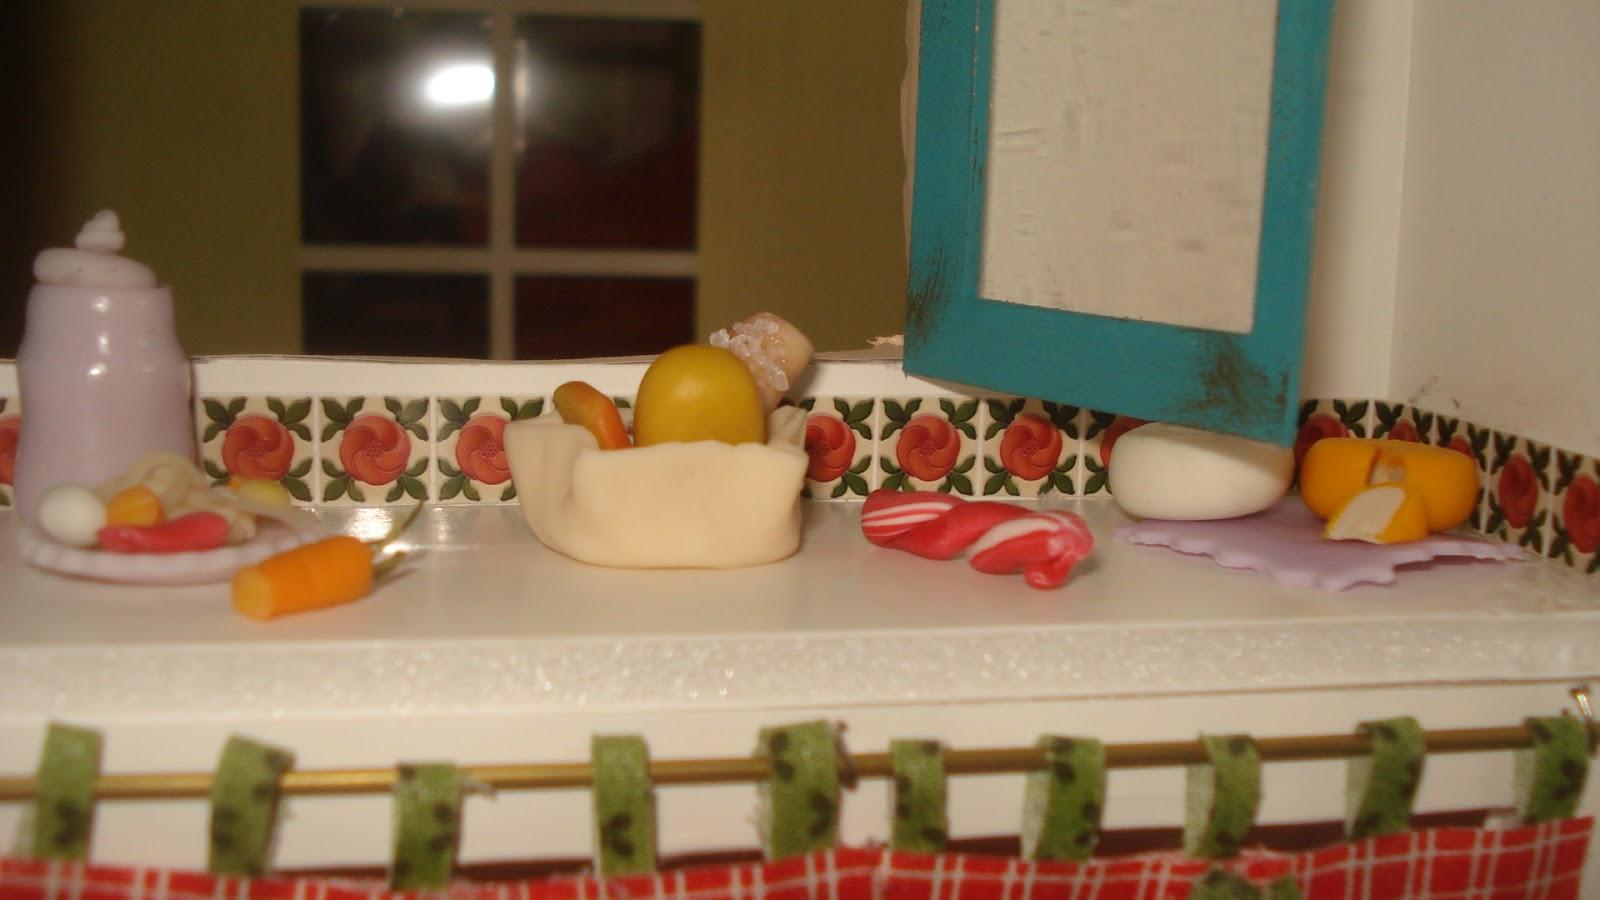 casa andrea milano sectional sofa grey with nailhead trim louca por miniaturas minis da dea outubro 2012